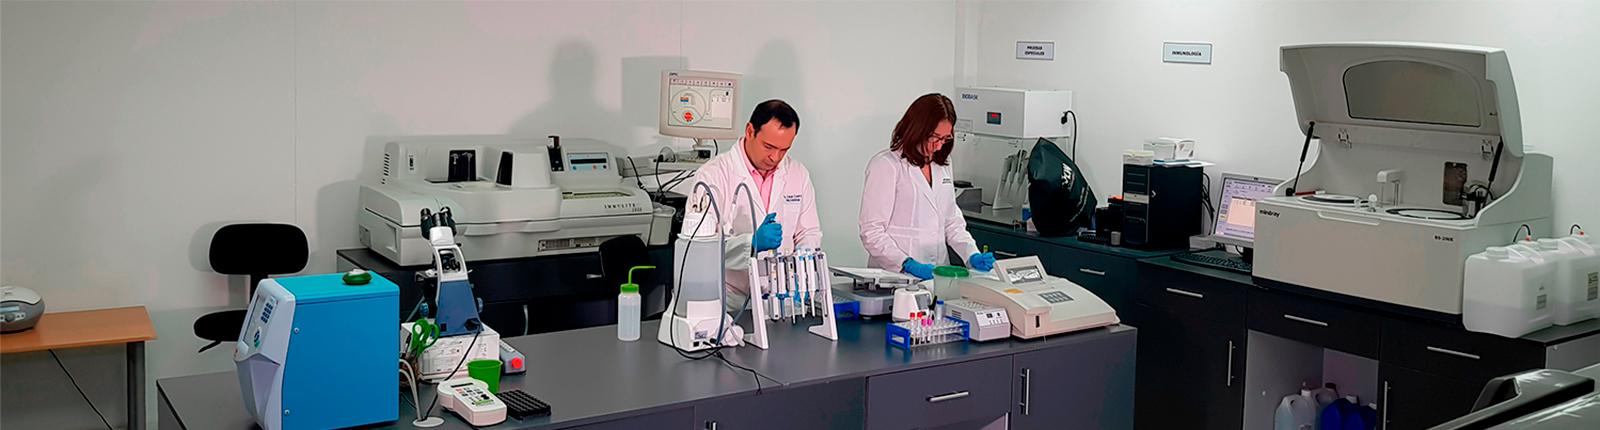 Laboratorio Clínico de Análisis Managua